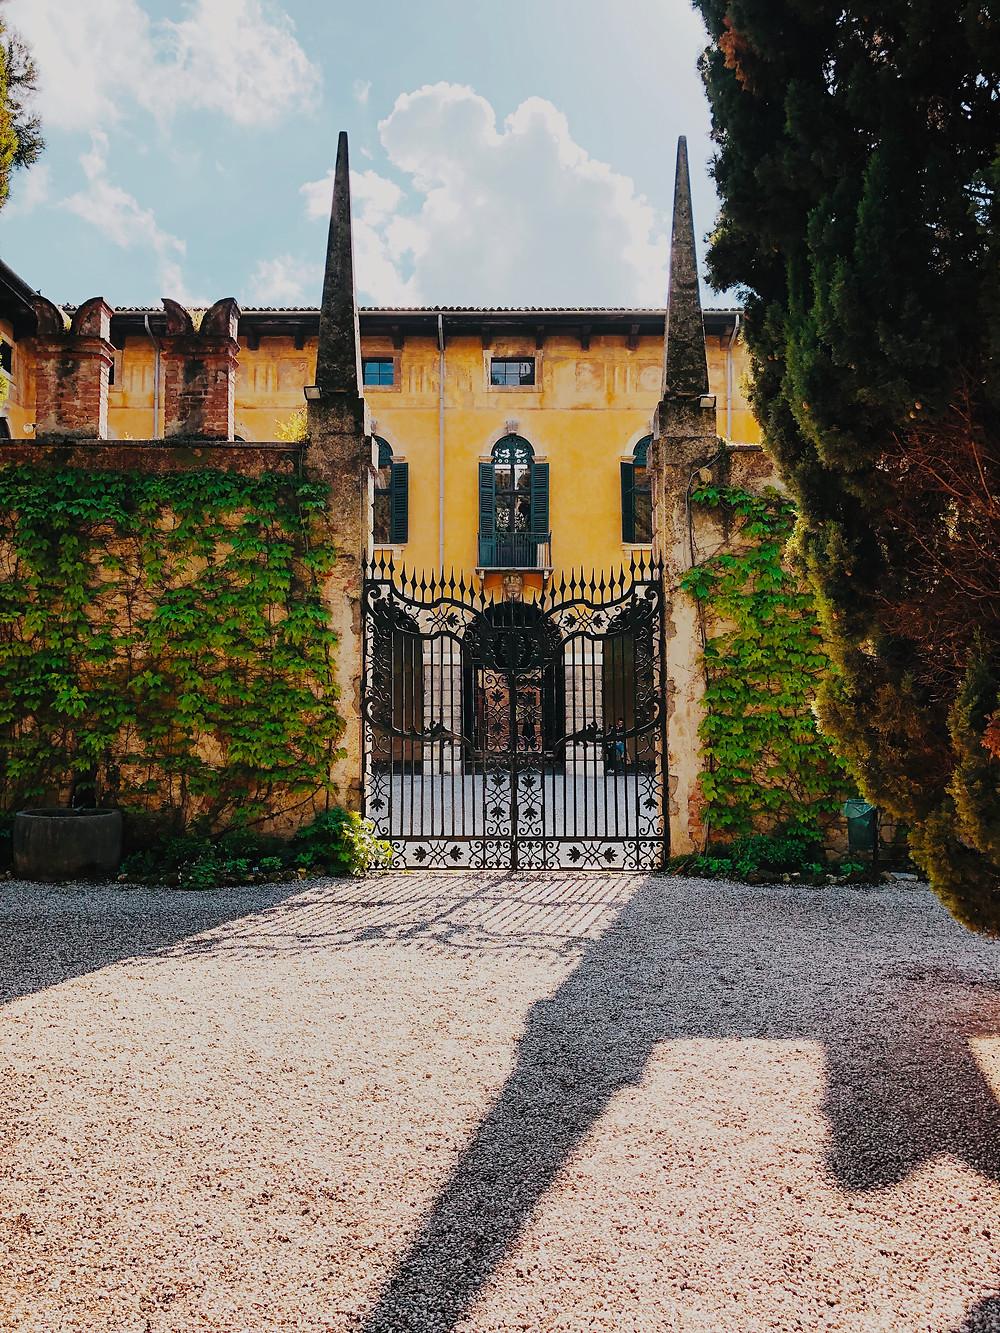 Entrance to Giardino Guisti